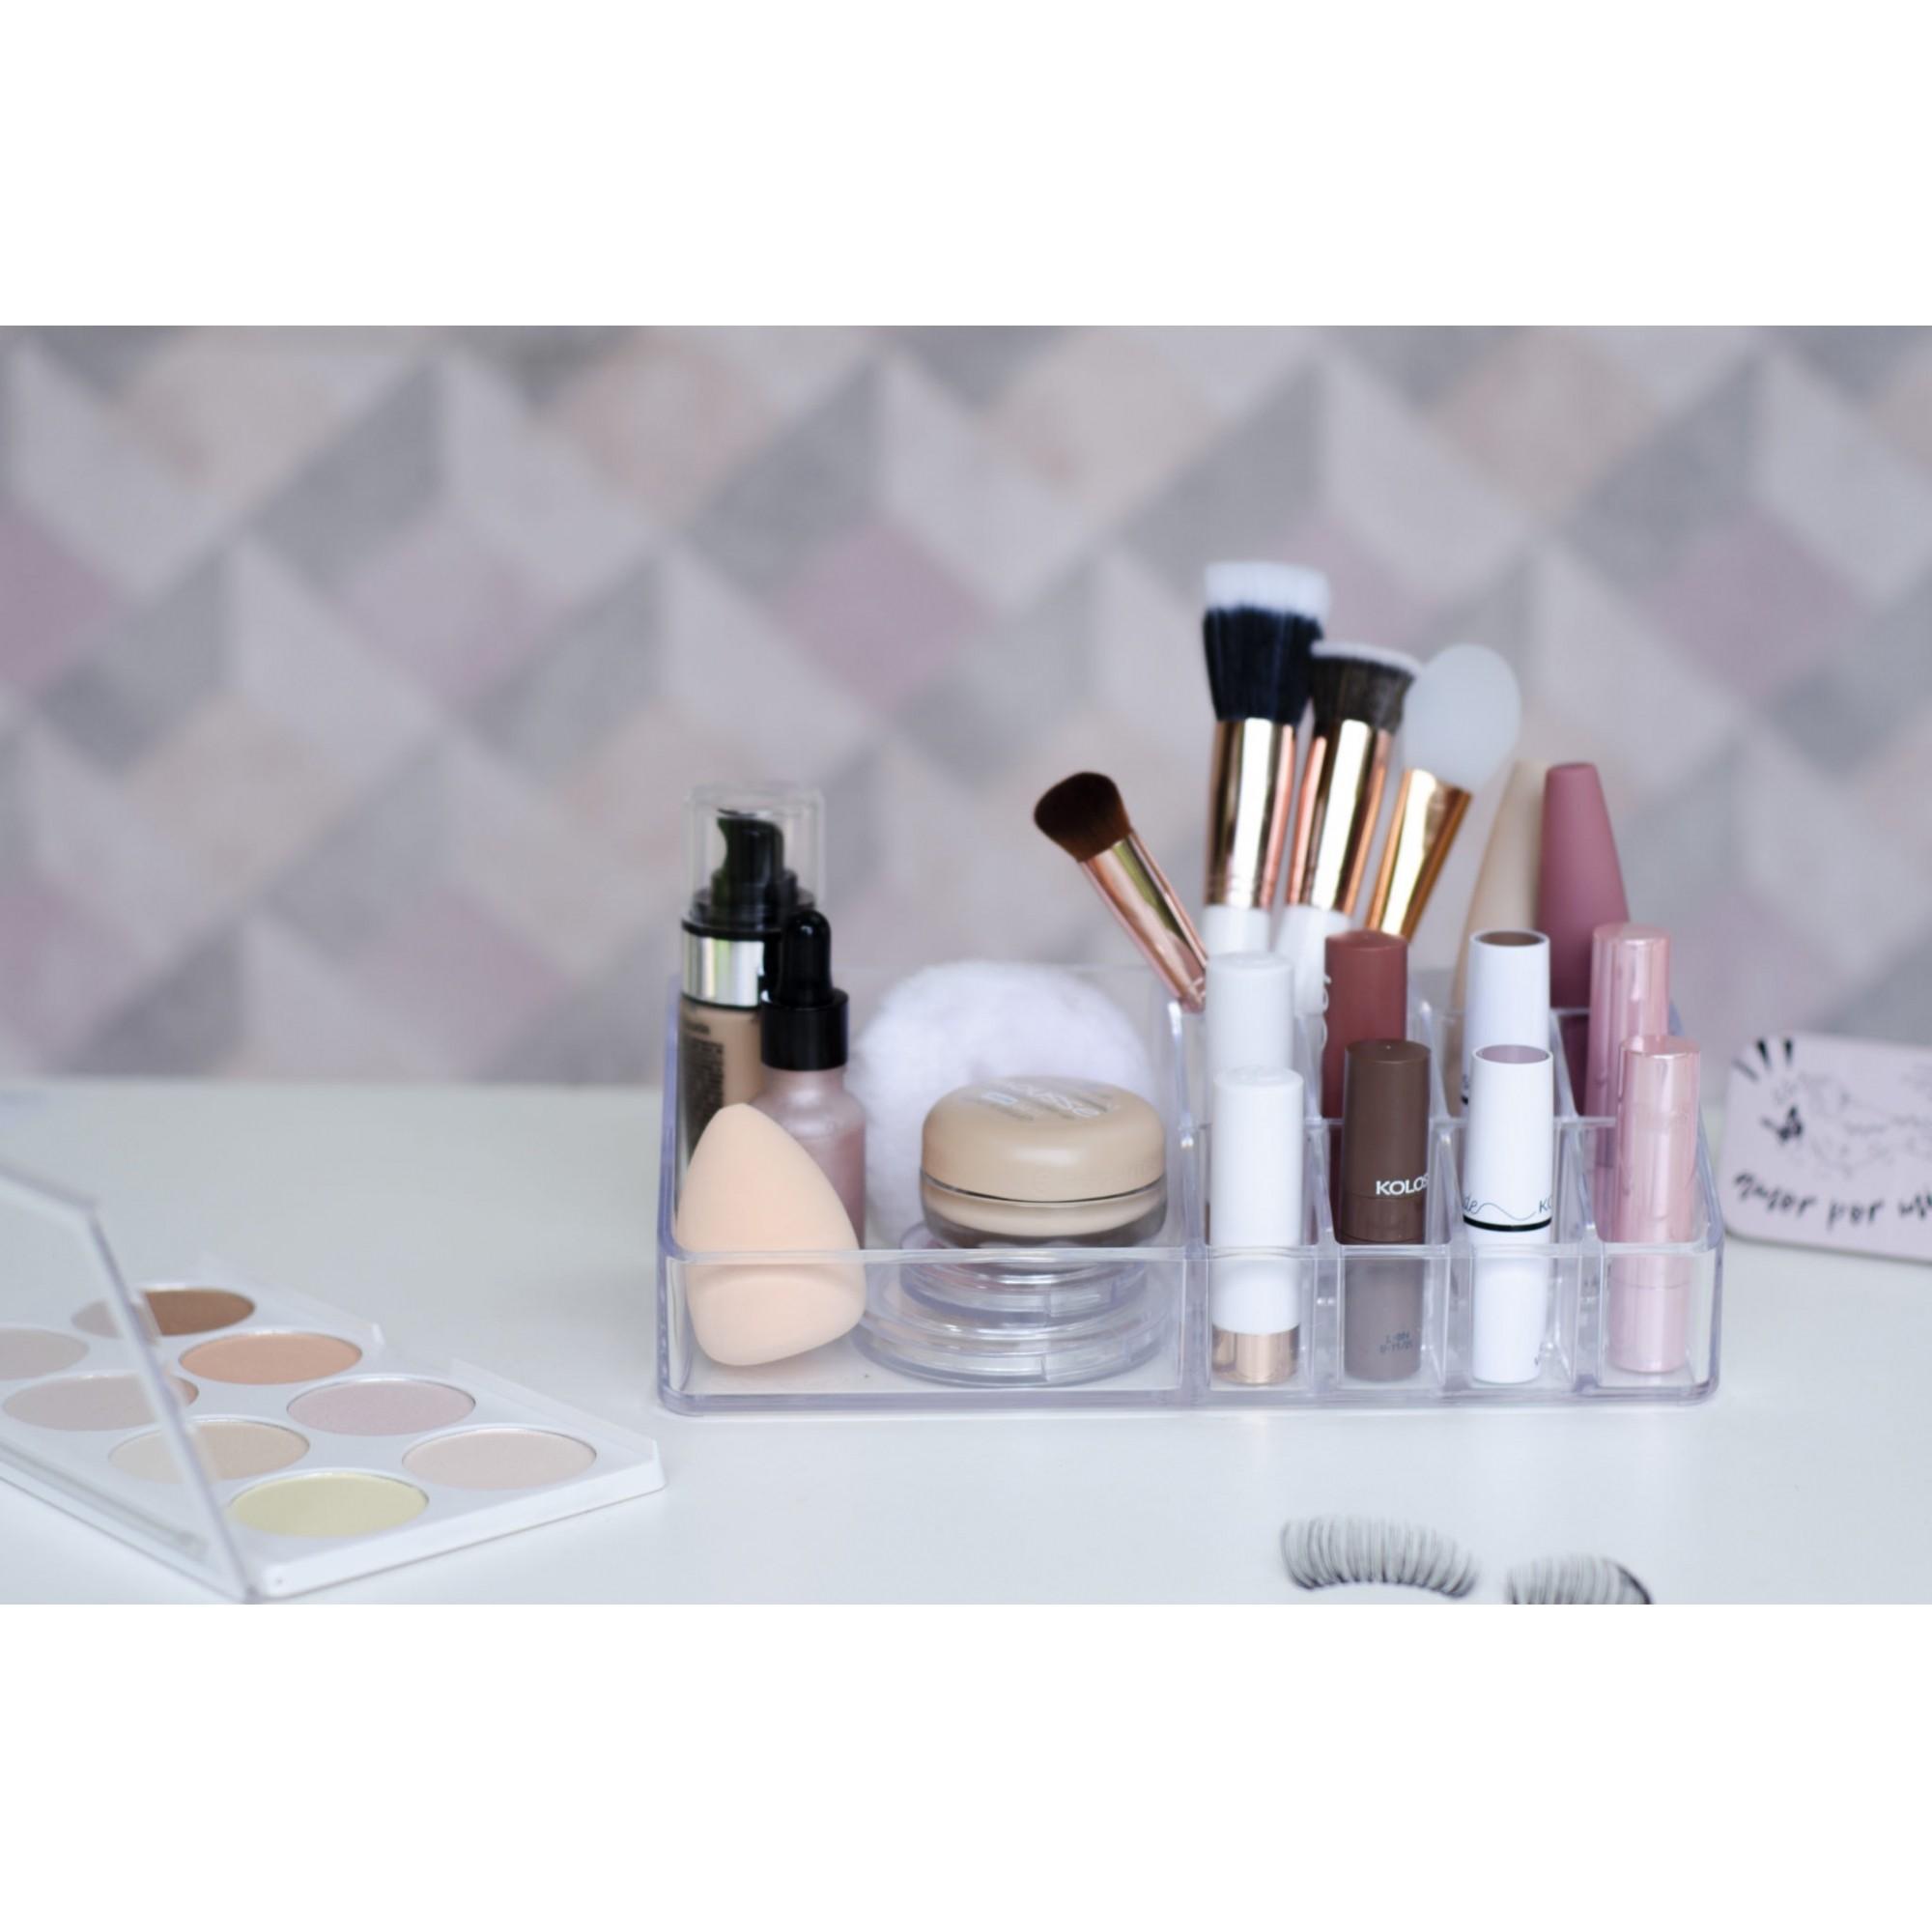 Organizador de cosméticos com 11 divisórias